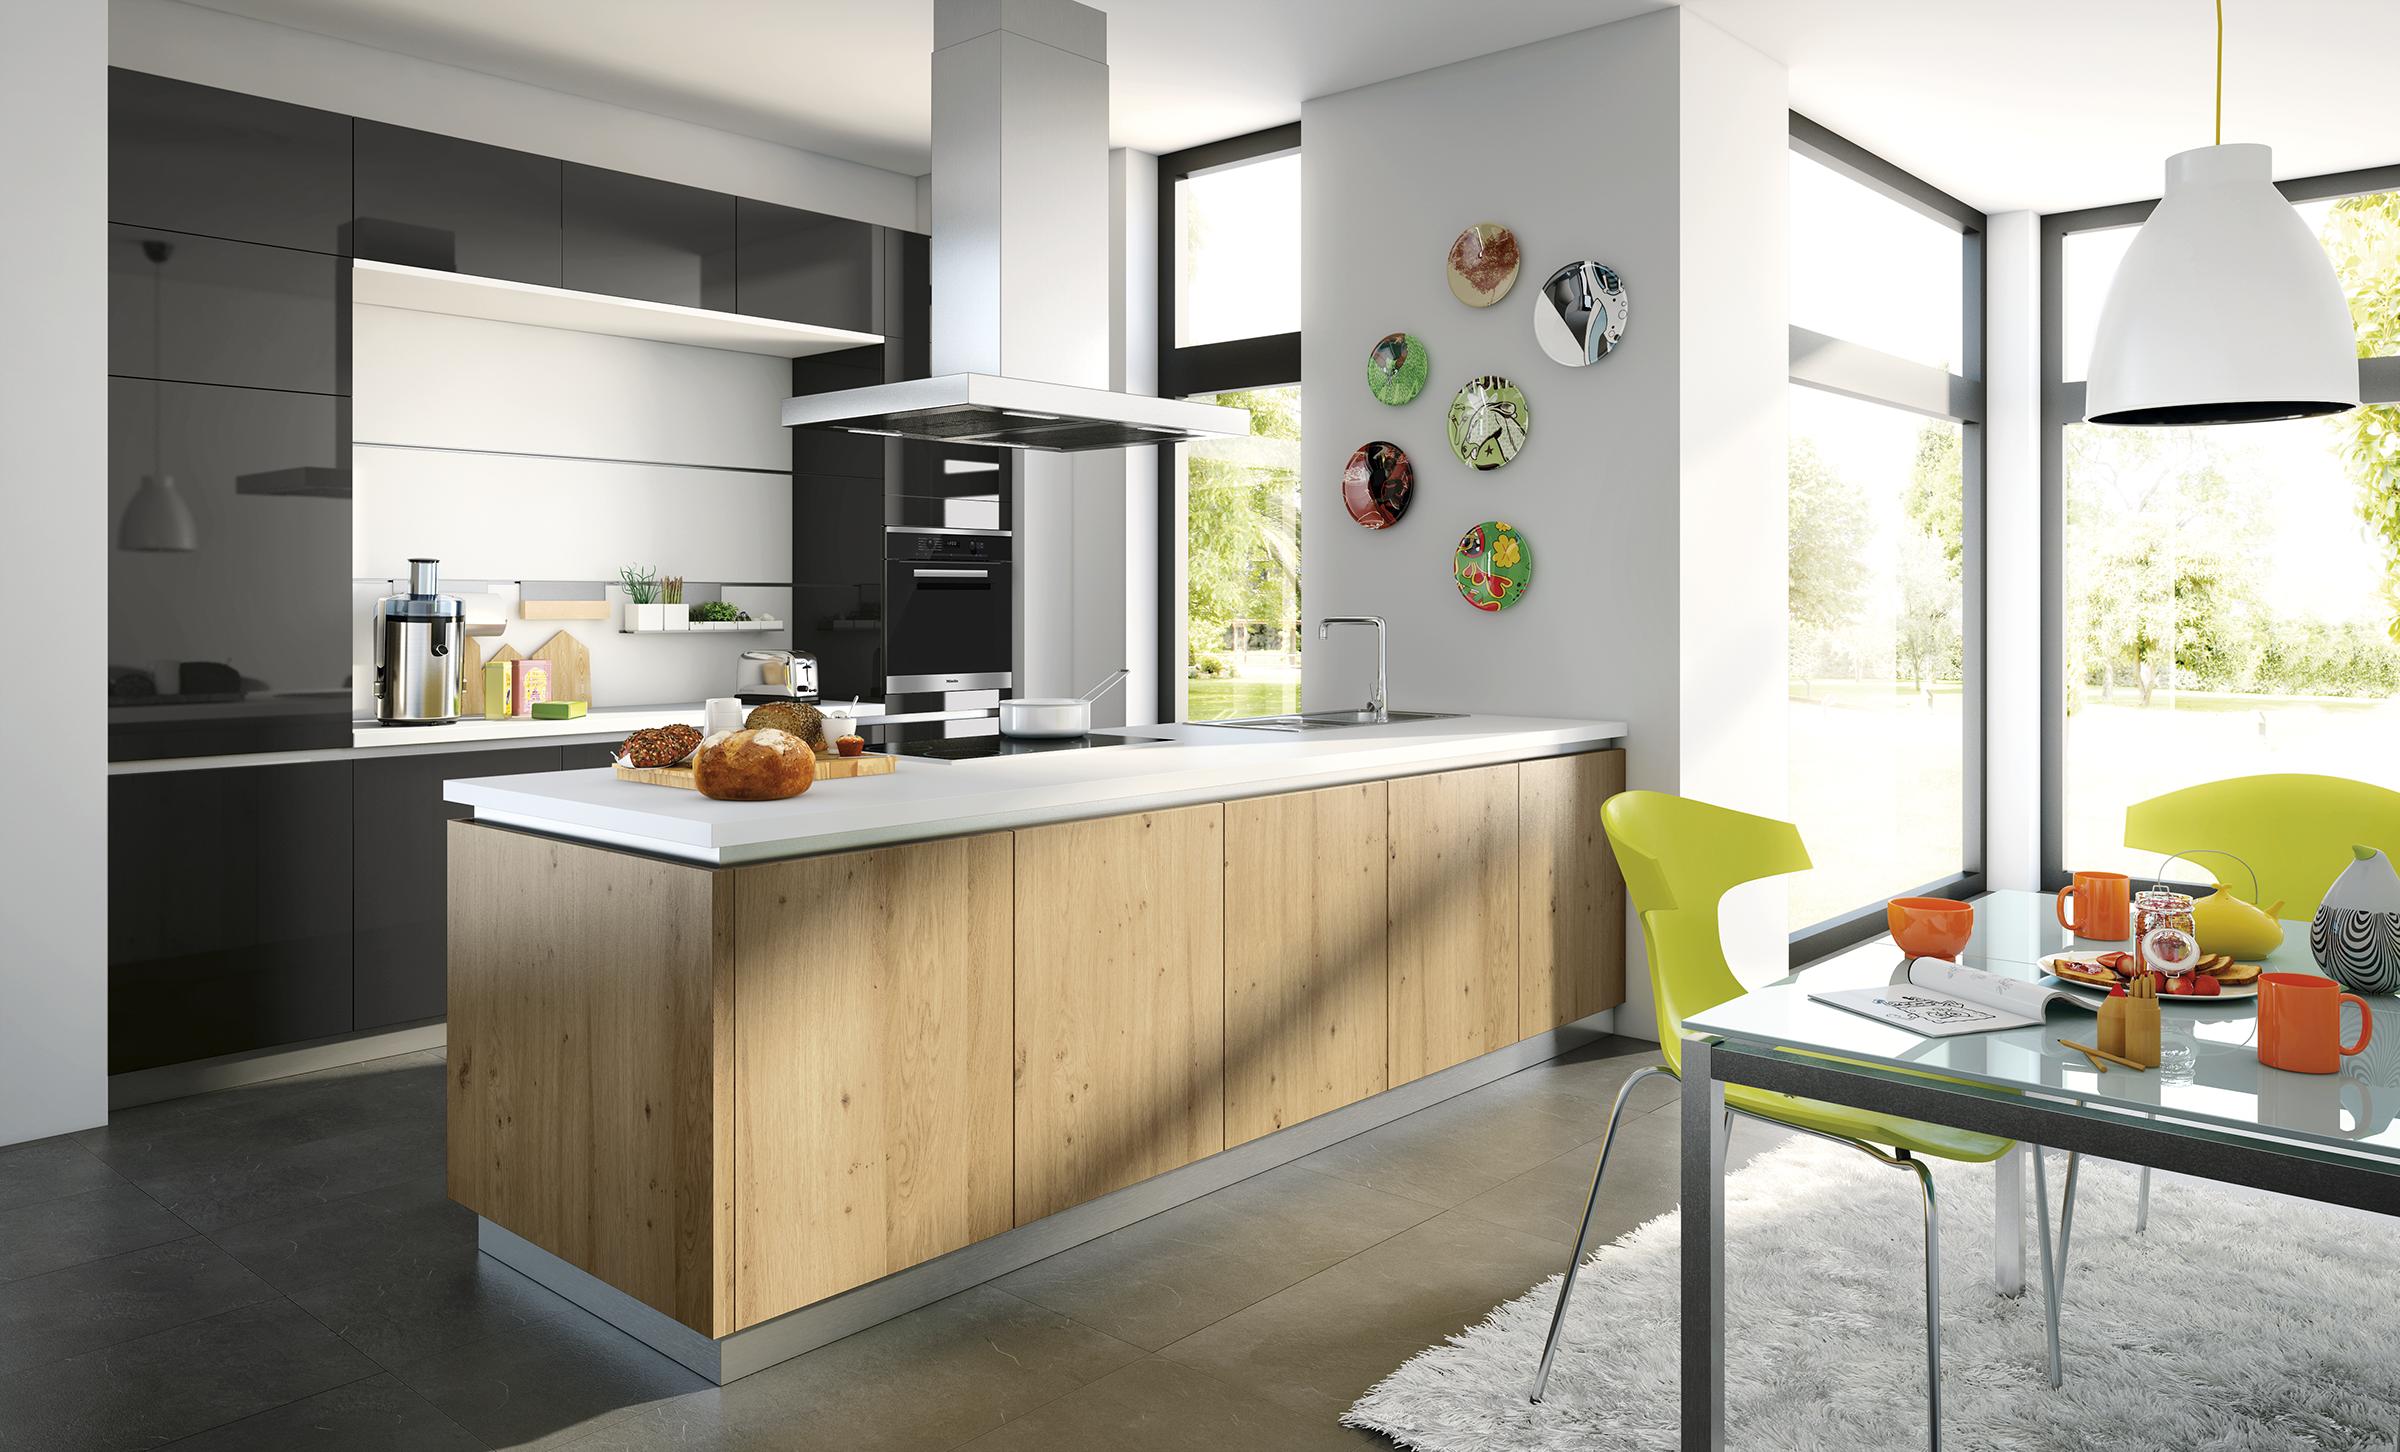 Nett Geweißt Küchenschränke Ideen Fotos - Ideen Für Die Küche ...